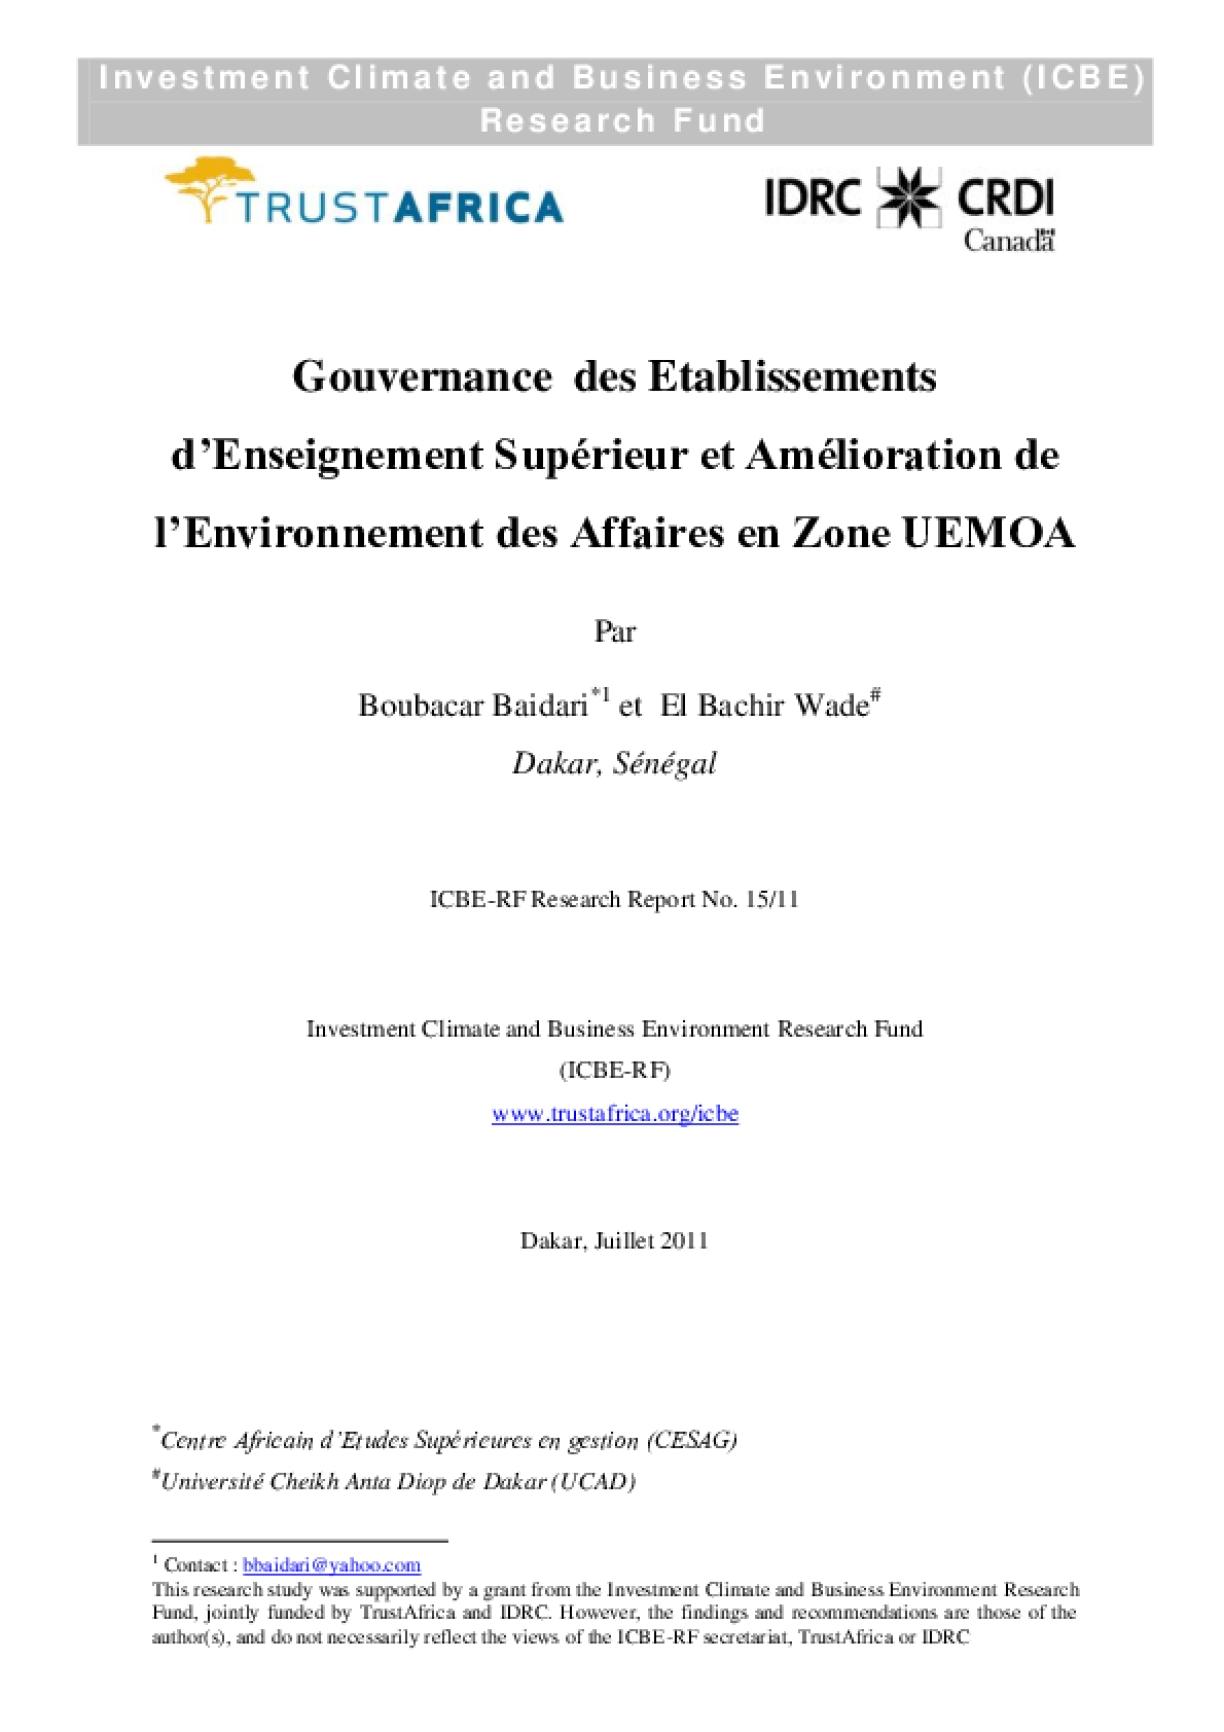 Gouvernance des Etablissements d'Enseignement Supérieur et Amélioration de l'Environnement des Affaires en Zone UEMOA